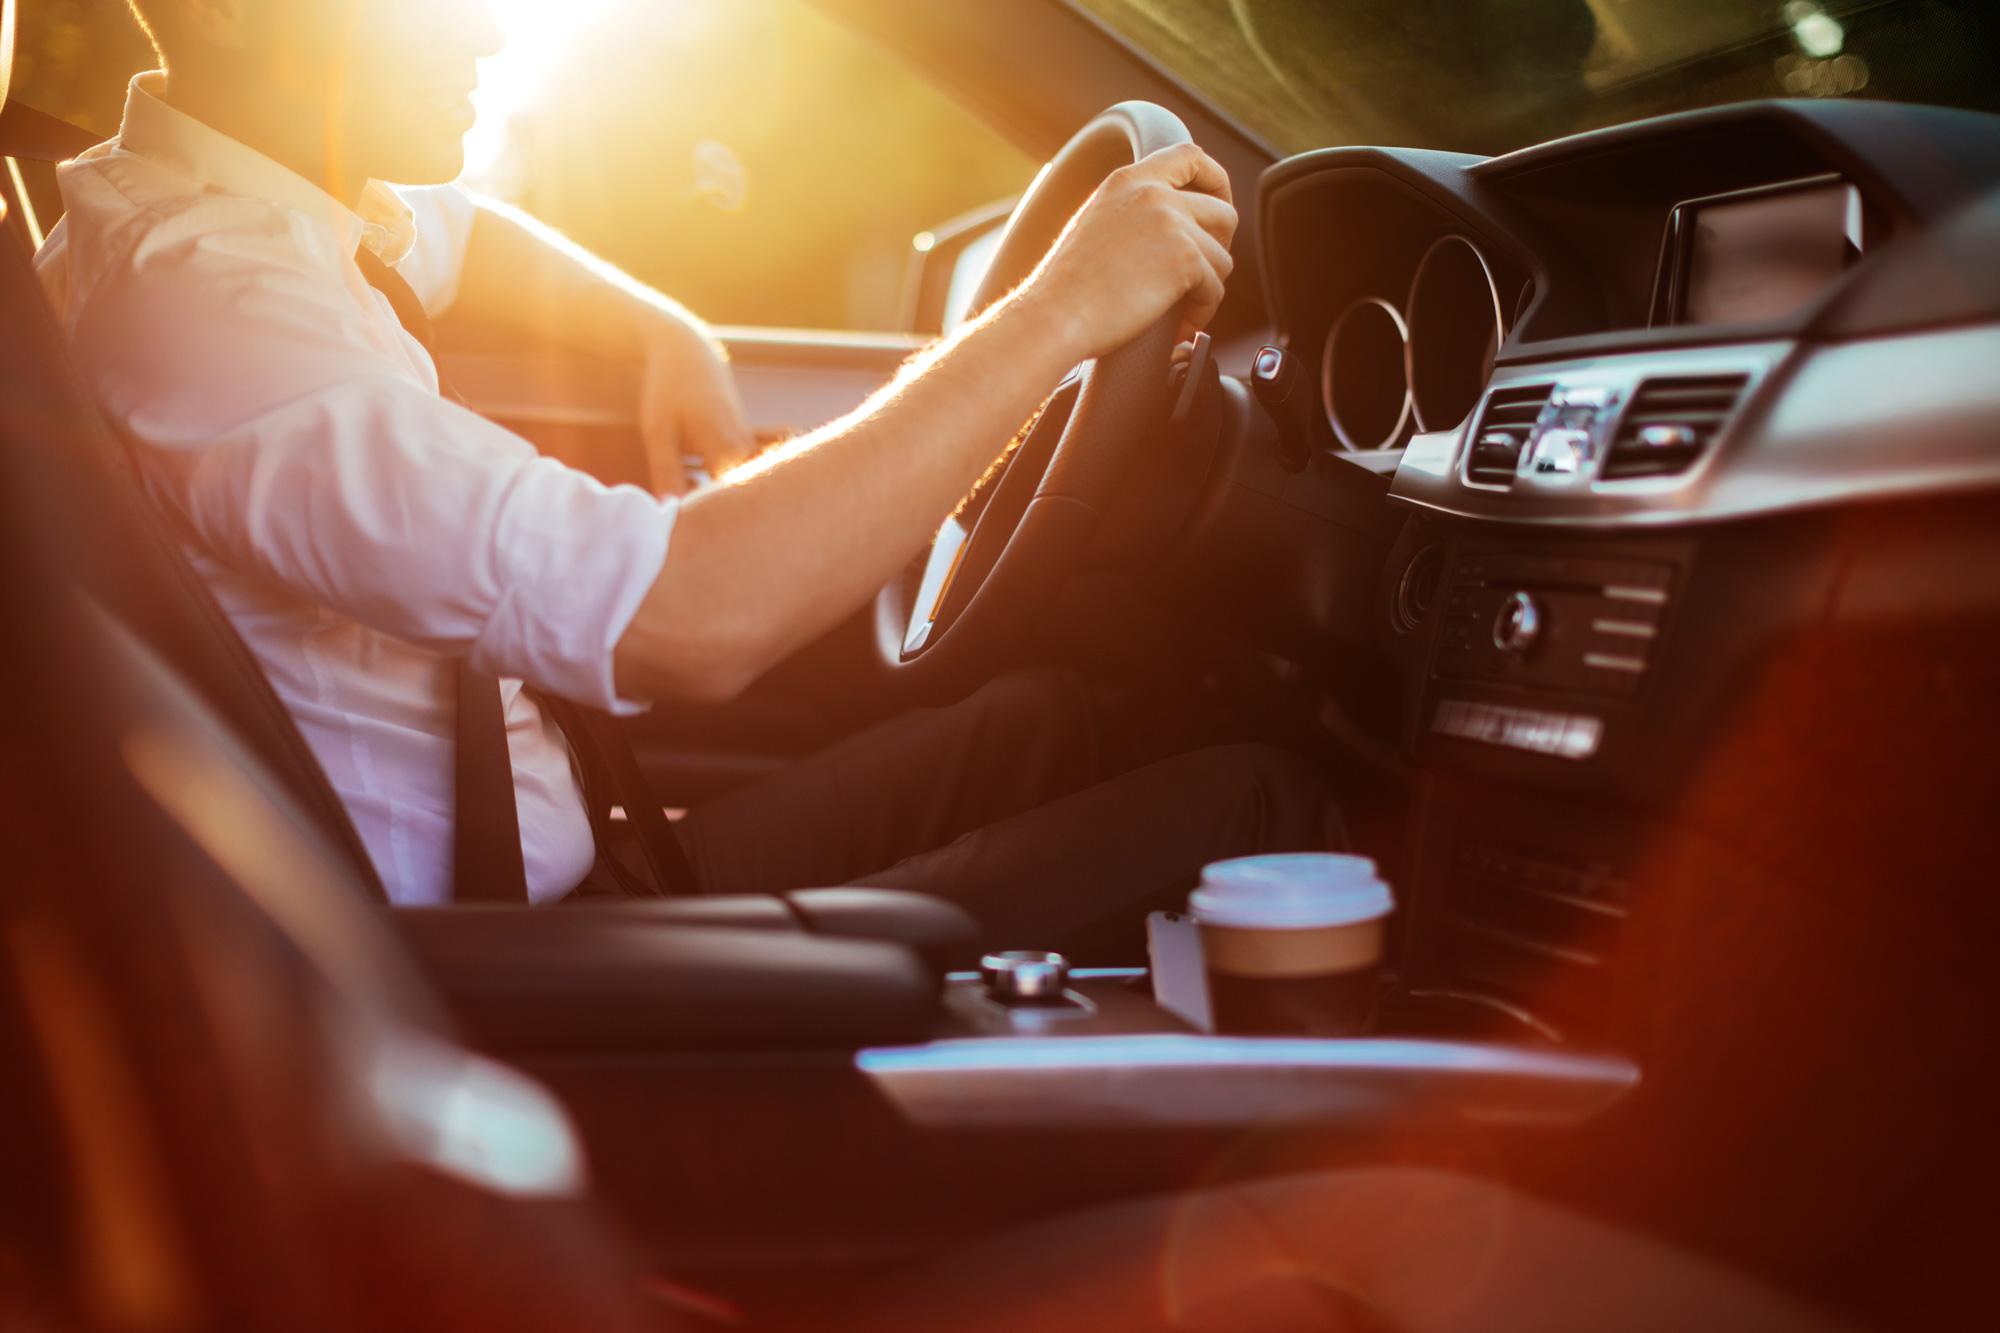 Businessman-driving-a-car-623117826_8574x5715.jpg